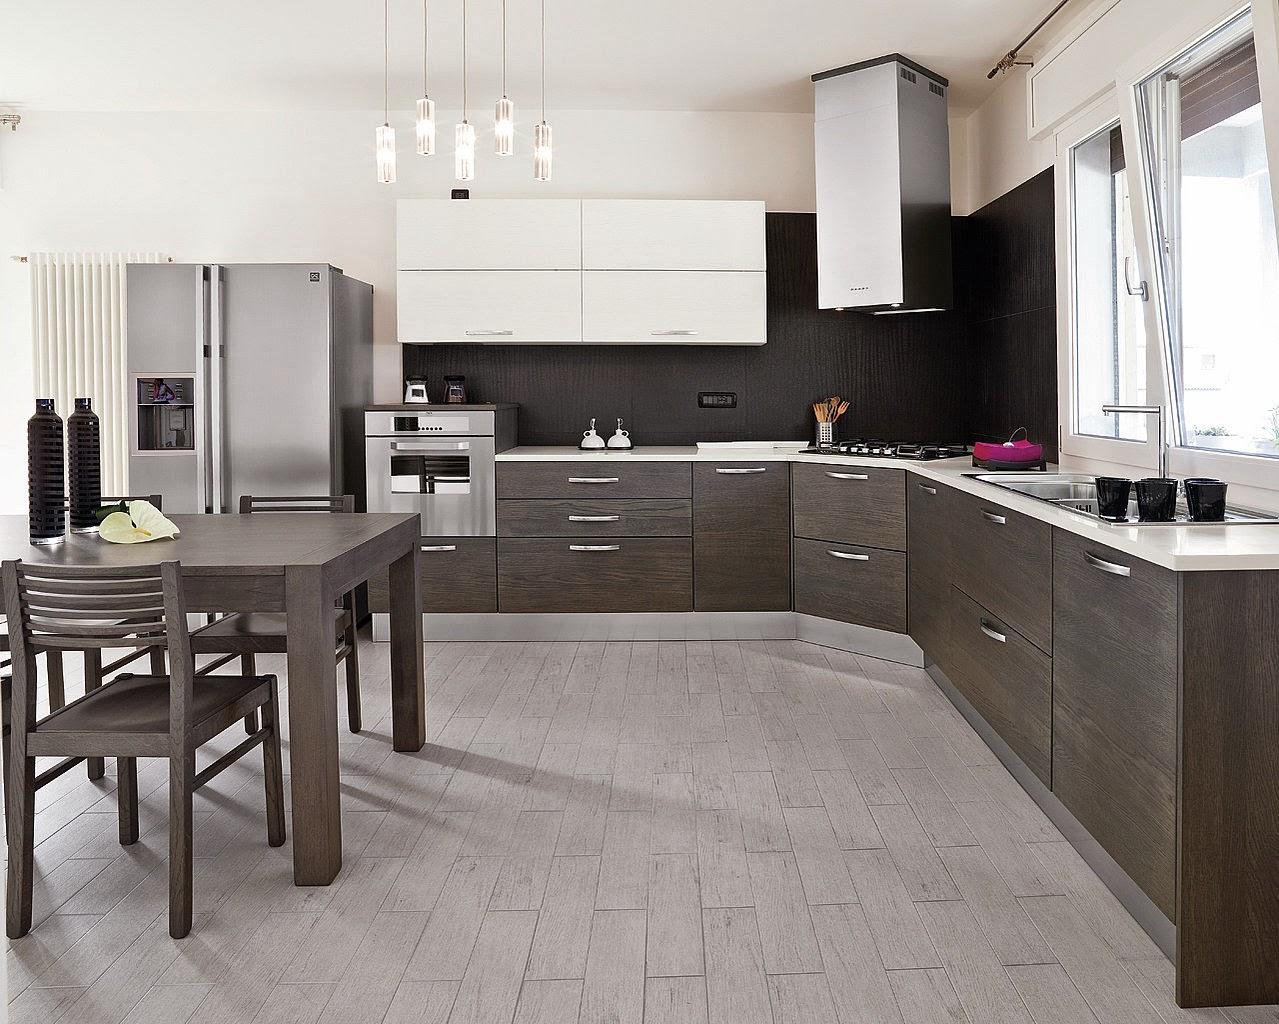 Gallart grupo el blog suelos y puertas de madera en asturias suelo de madera en la cocina - Suelos para cocinas modernas ...